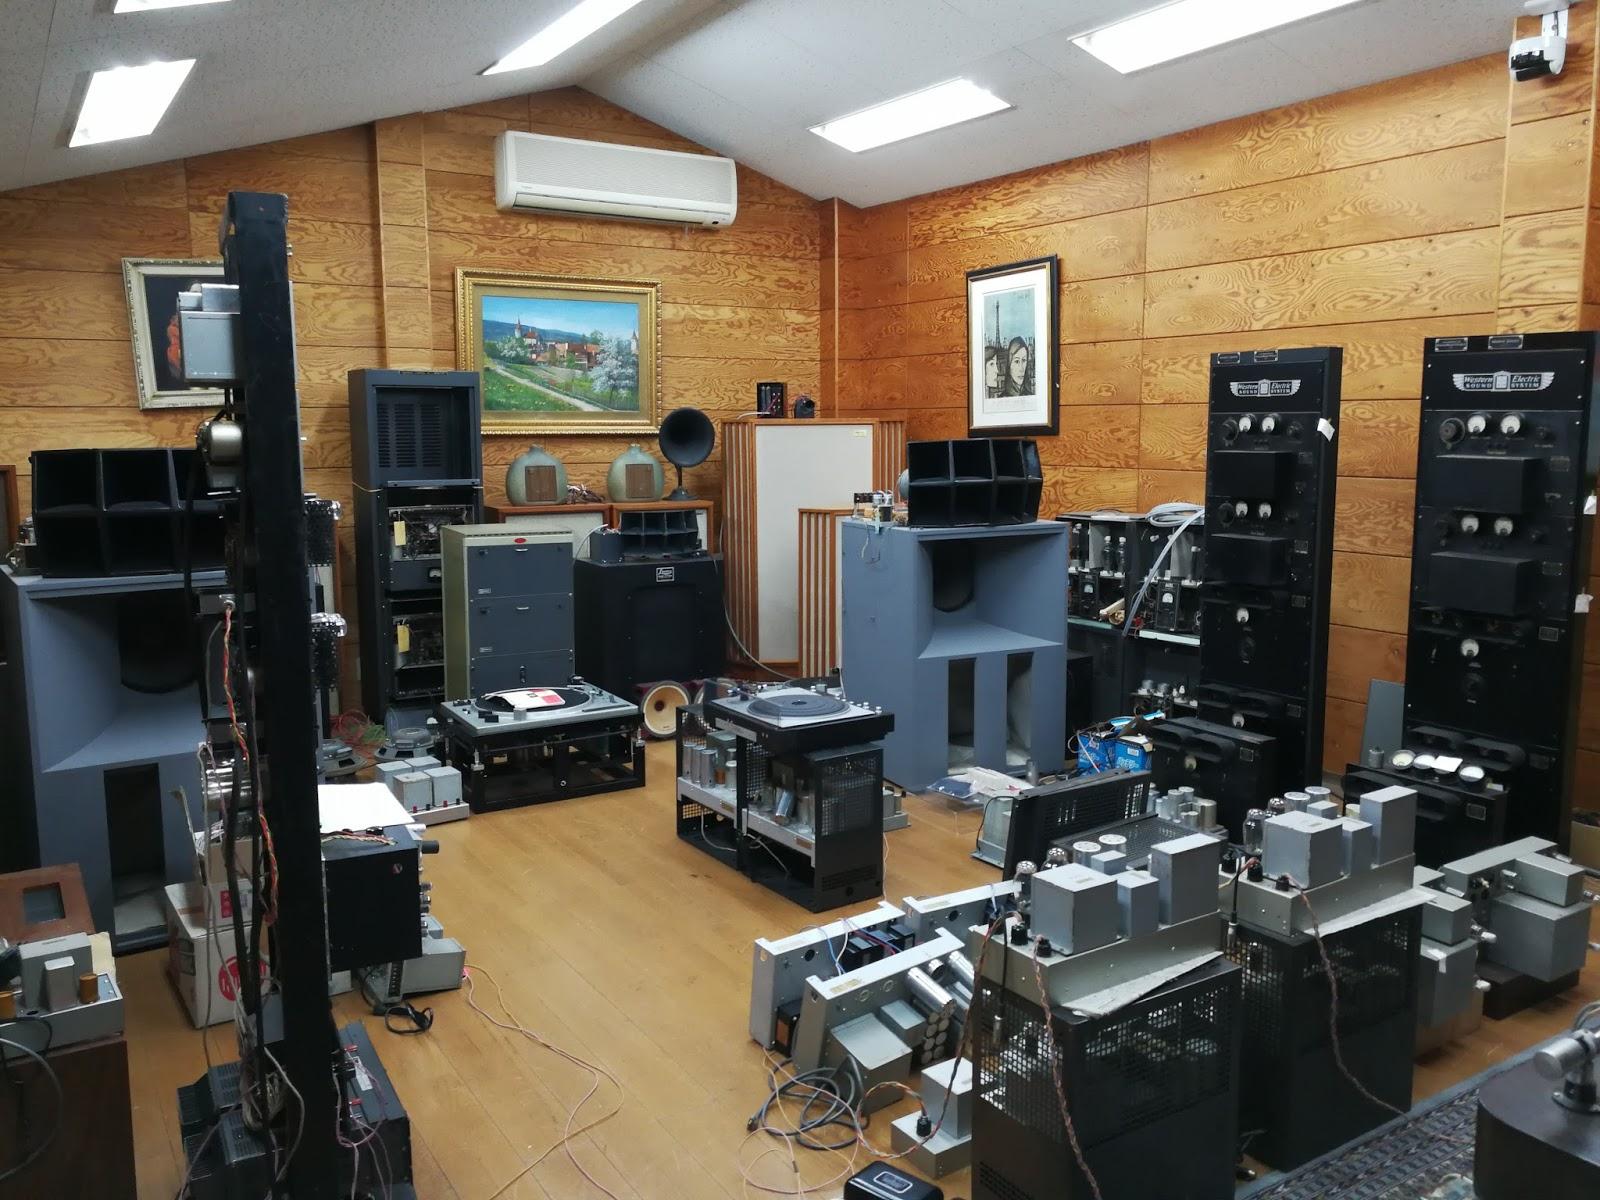 Cửa hàng bán phụ kiện âm thanh chính hãng ở TPHCM